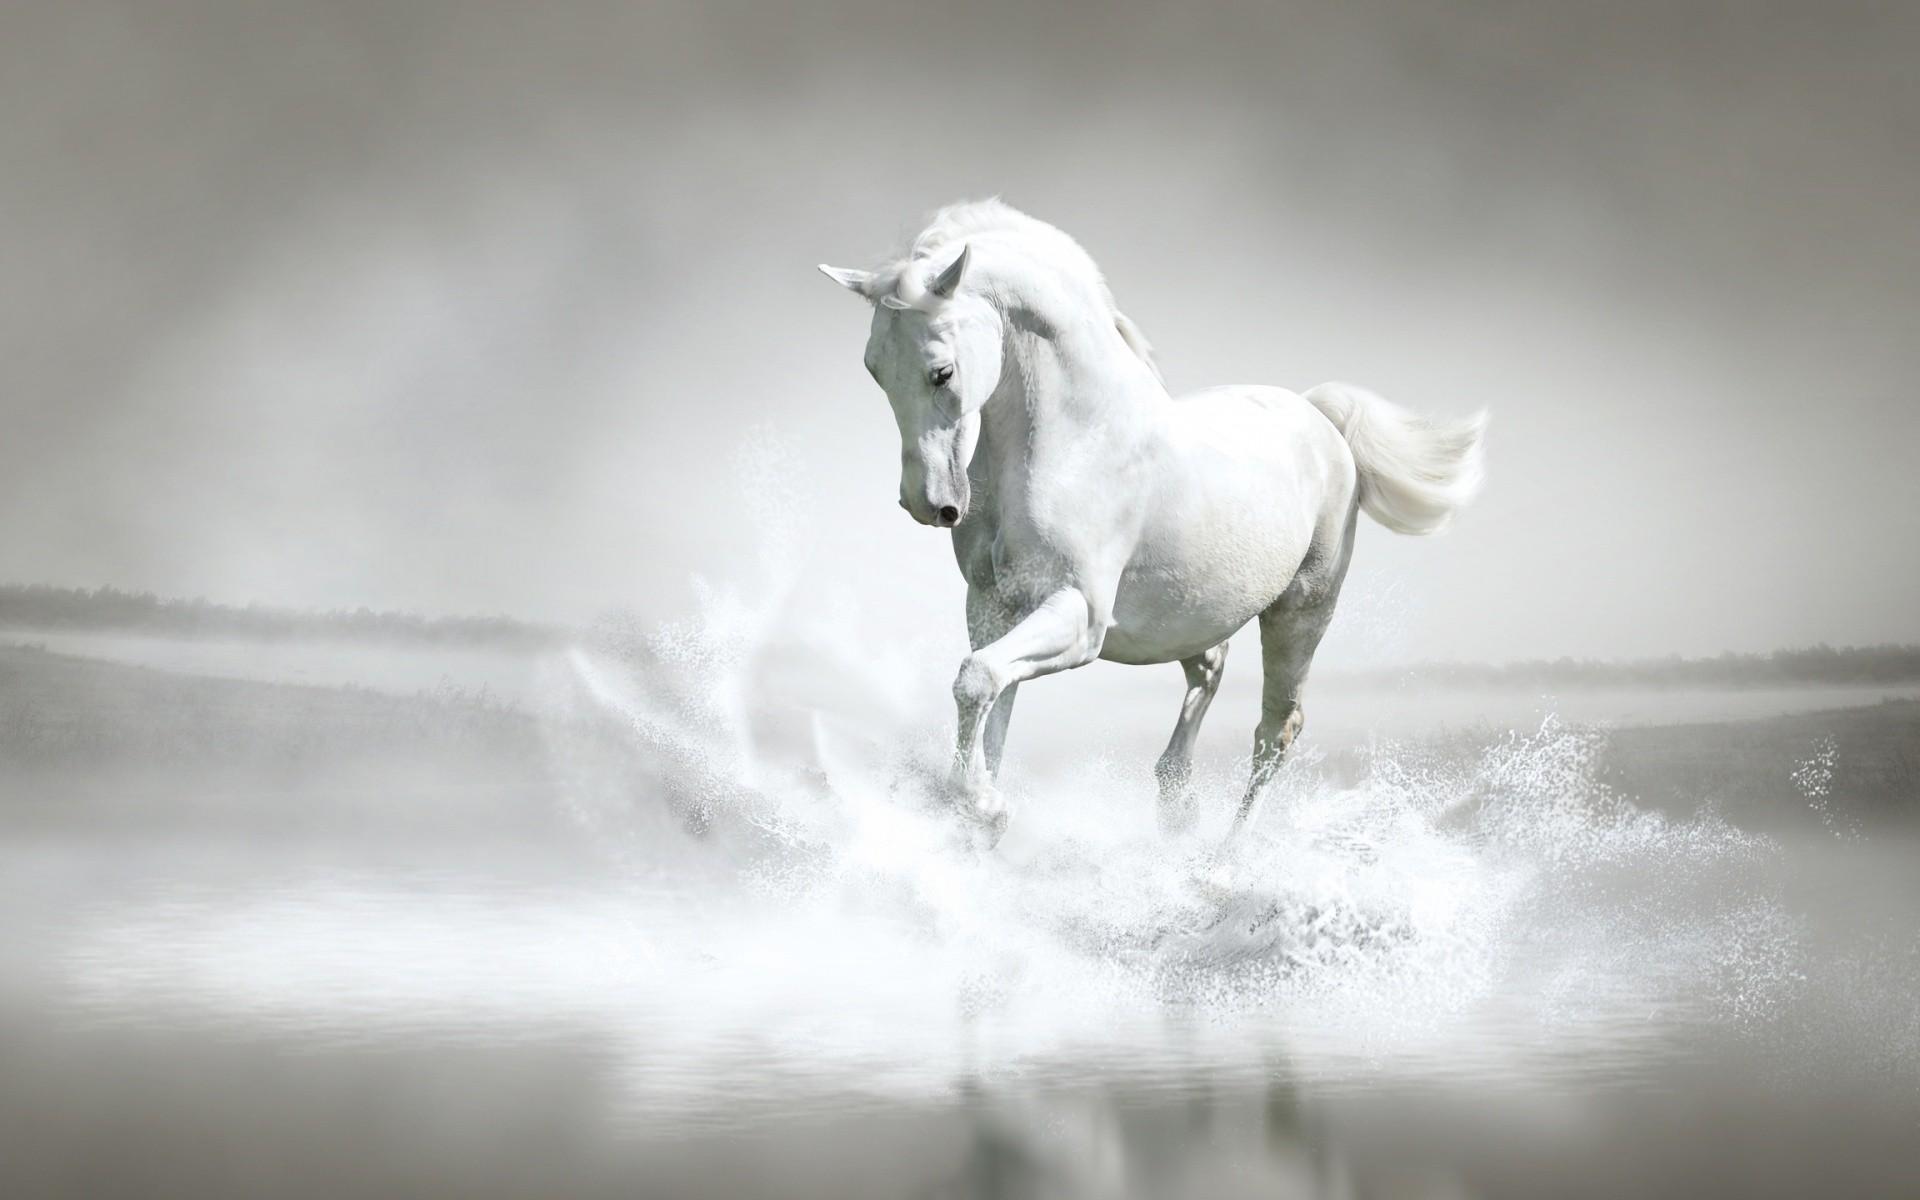 pferdebilder als hintergrund | … images White Horse ♡ HD wallpaper and  background photos